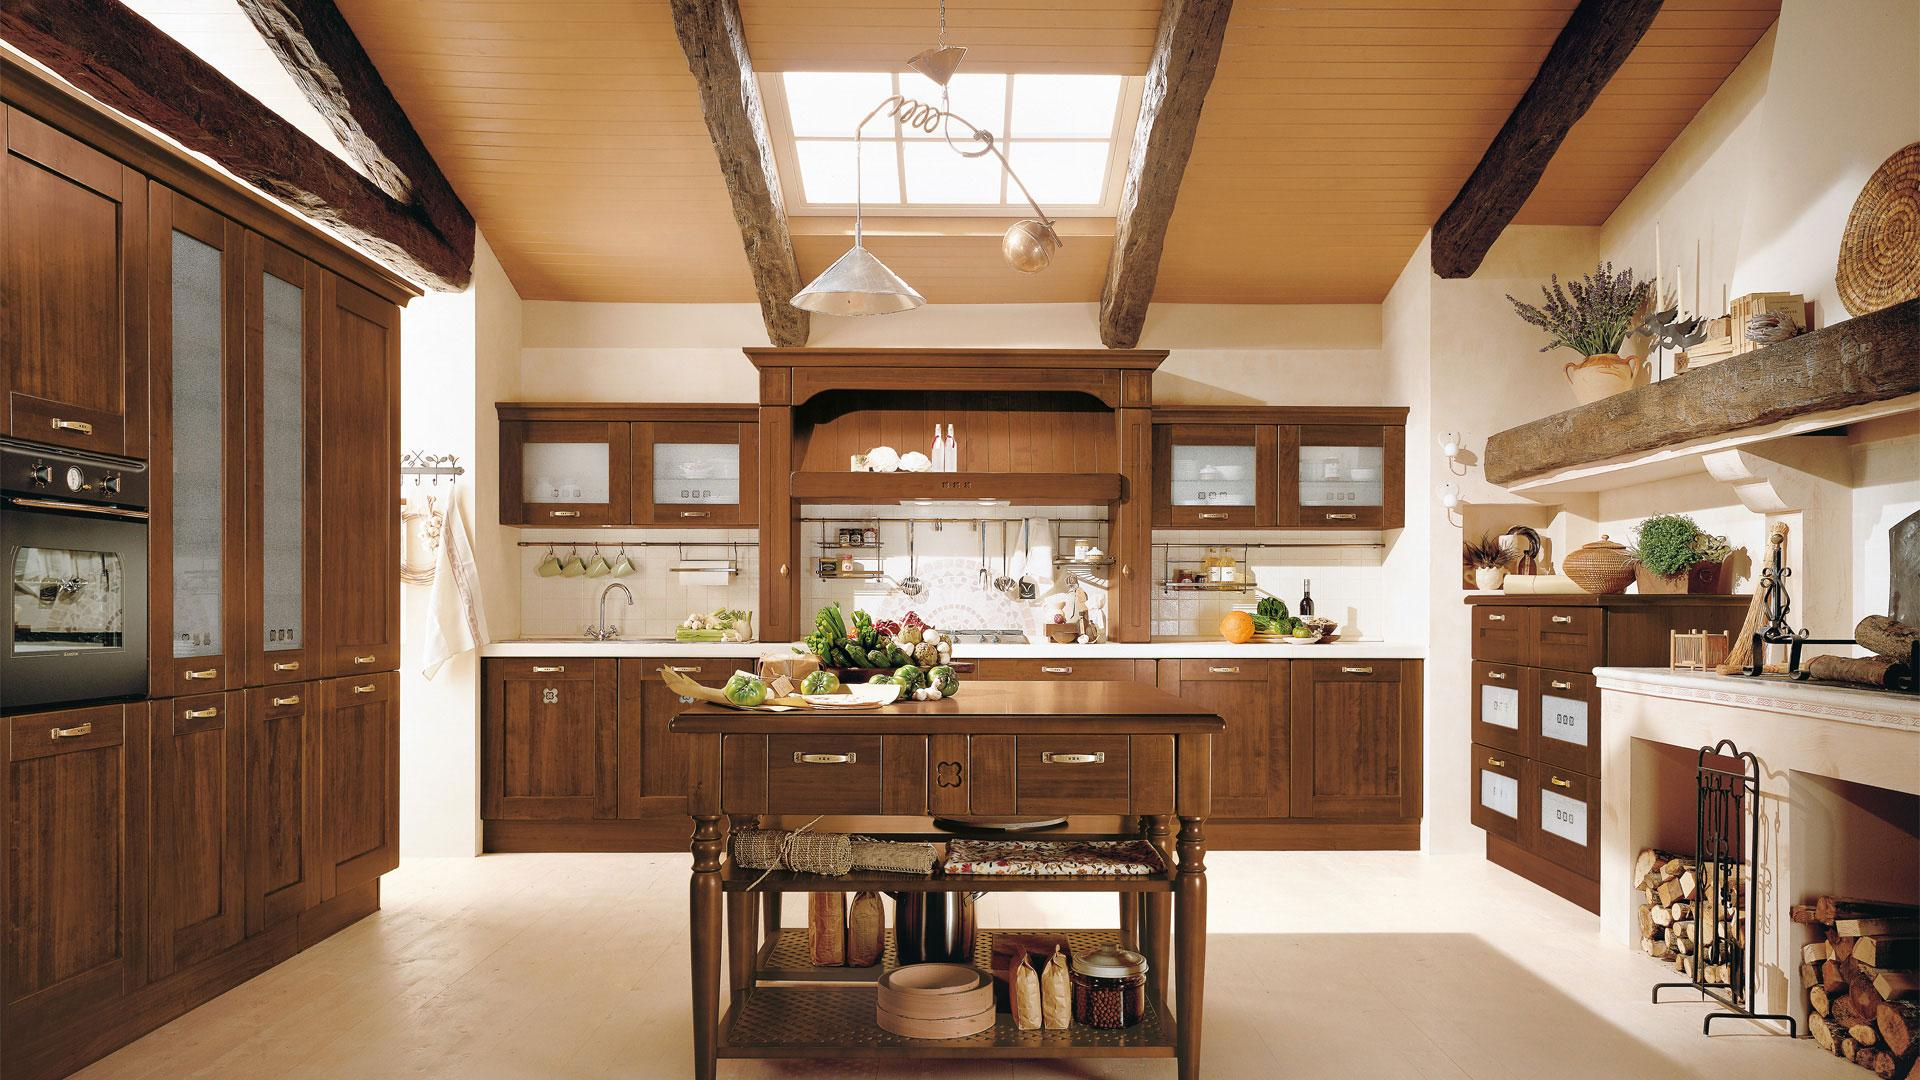 Arredamento a bresso sesto san giovanni rho cusano for Interni case classiche